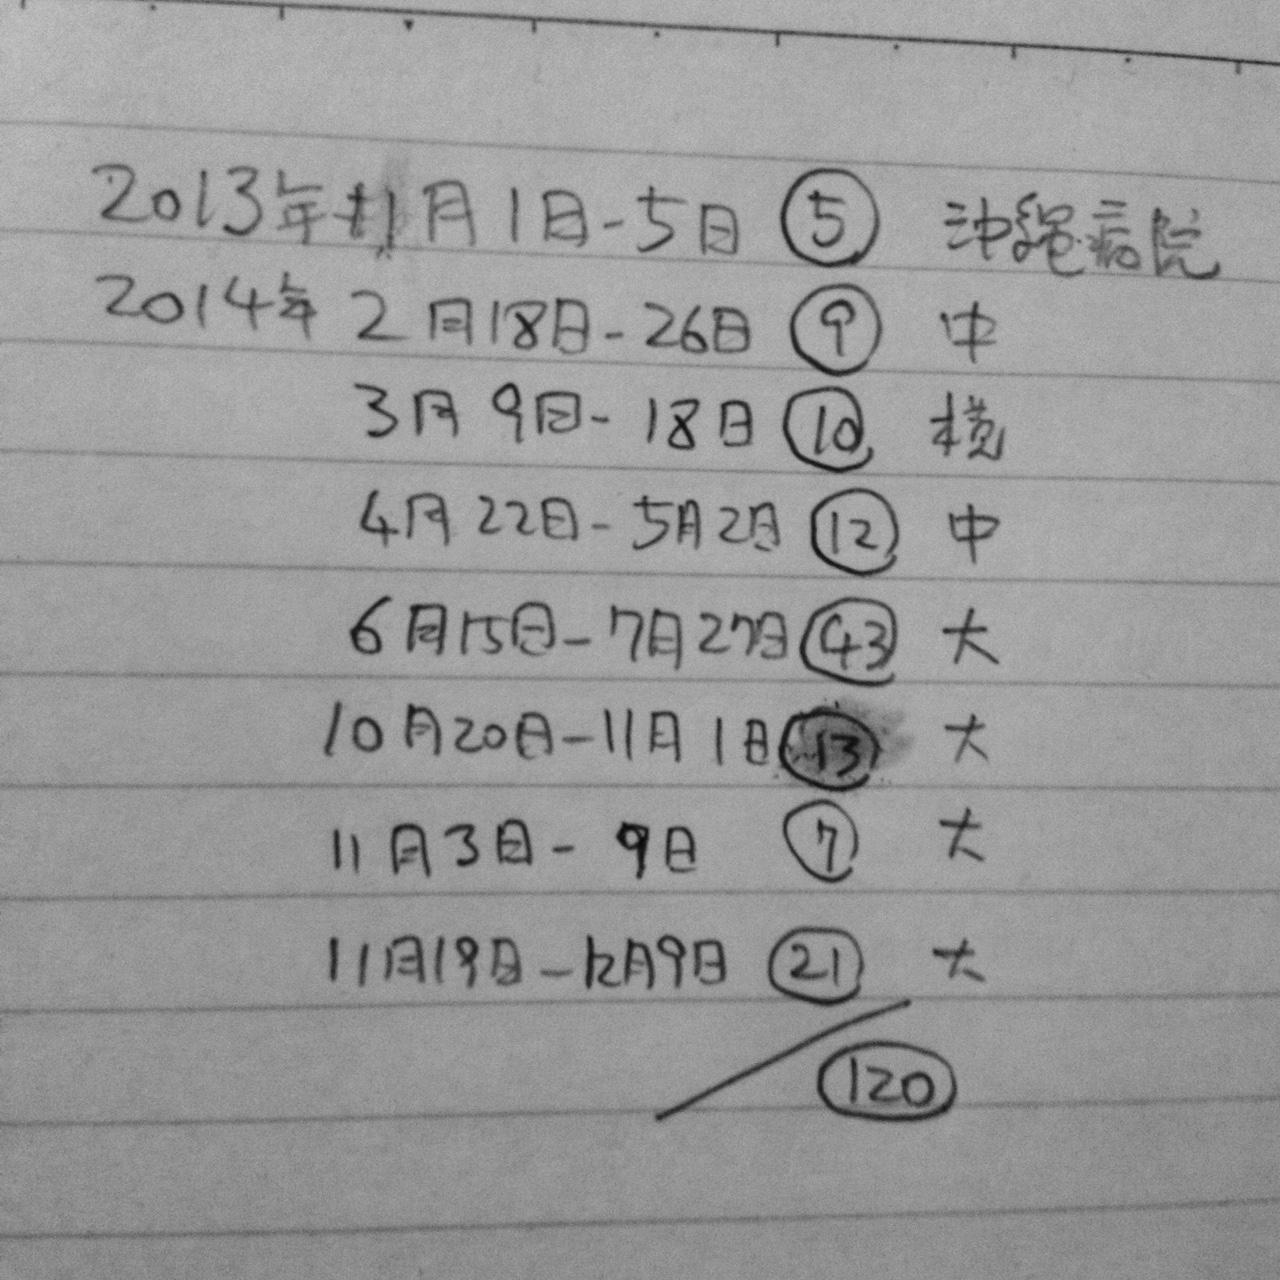 入院日程2013-2014